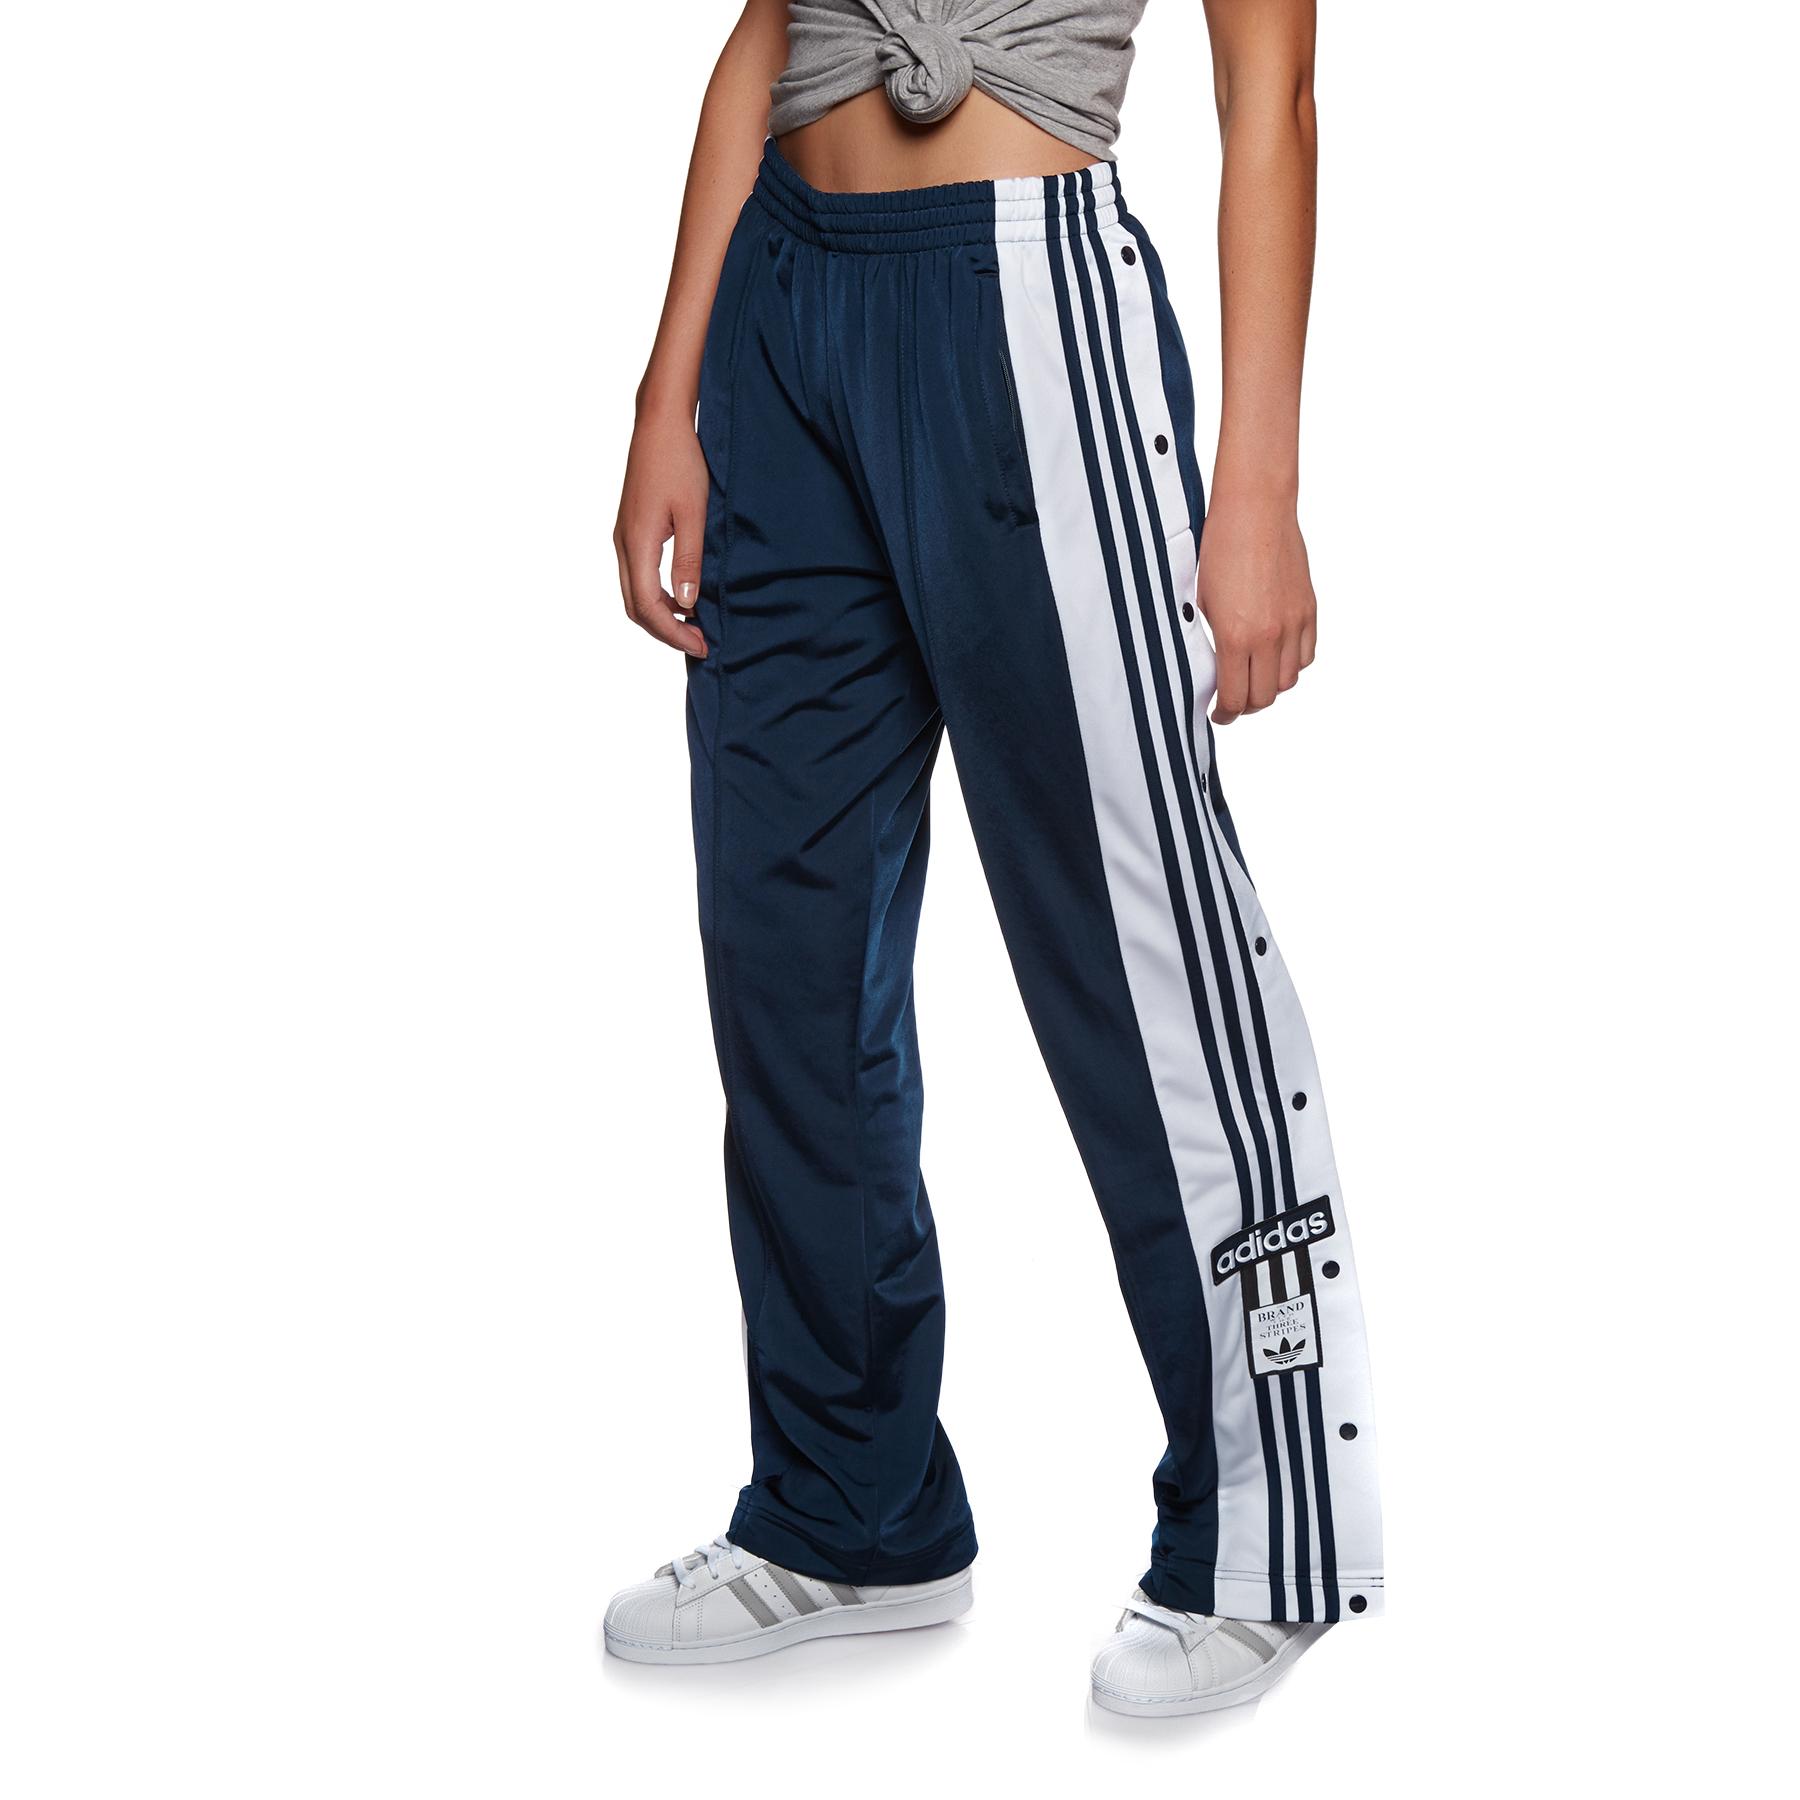 pantalon jogging femme adidas, le meilleur porte . vente de